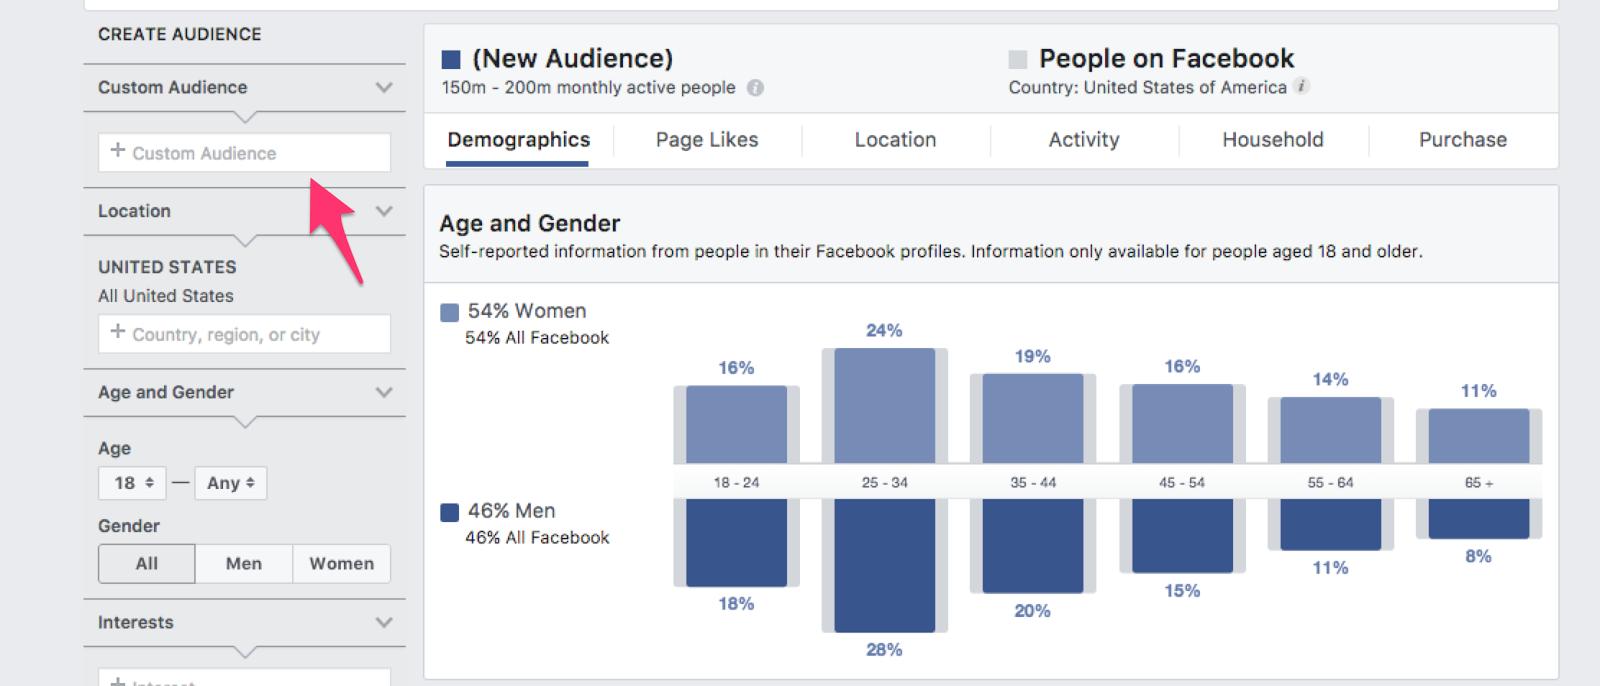 Custom Audiences segment depicted.